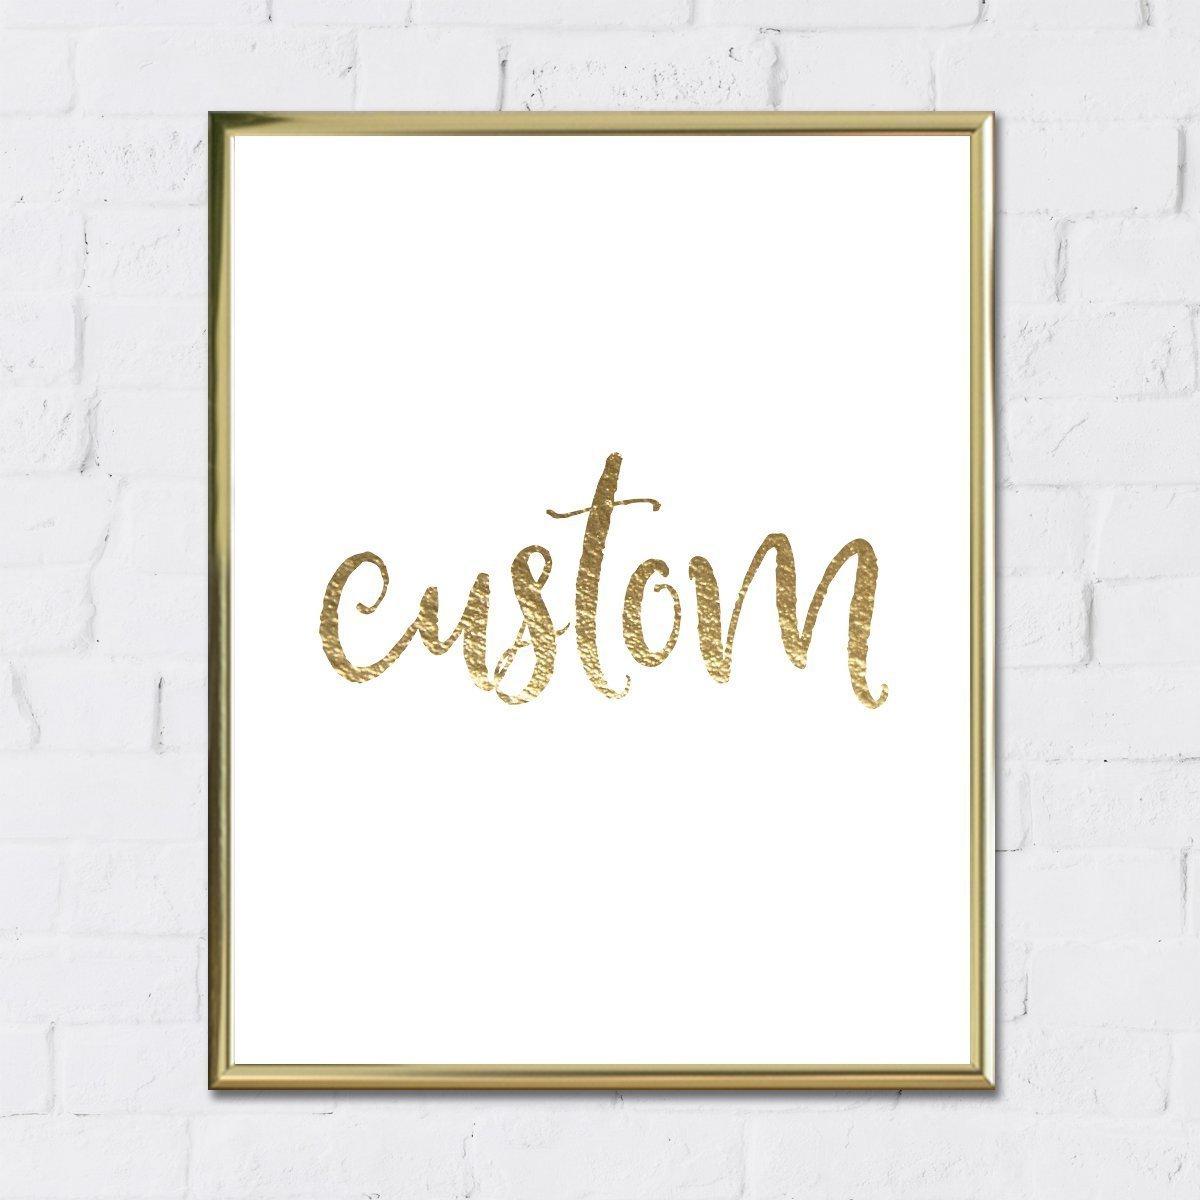 Custom Gold Foil Art Framed Logo 8x10 inches by Merrifox